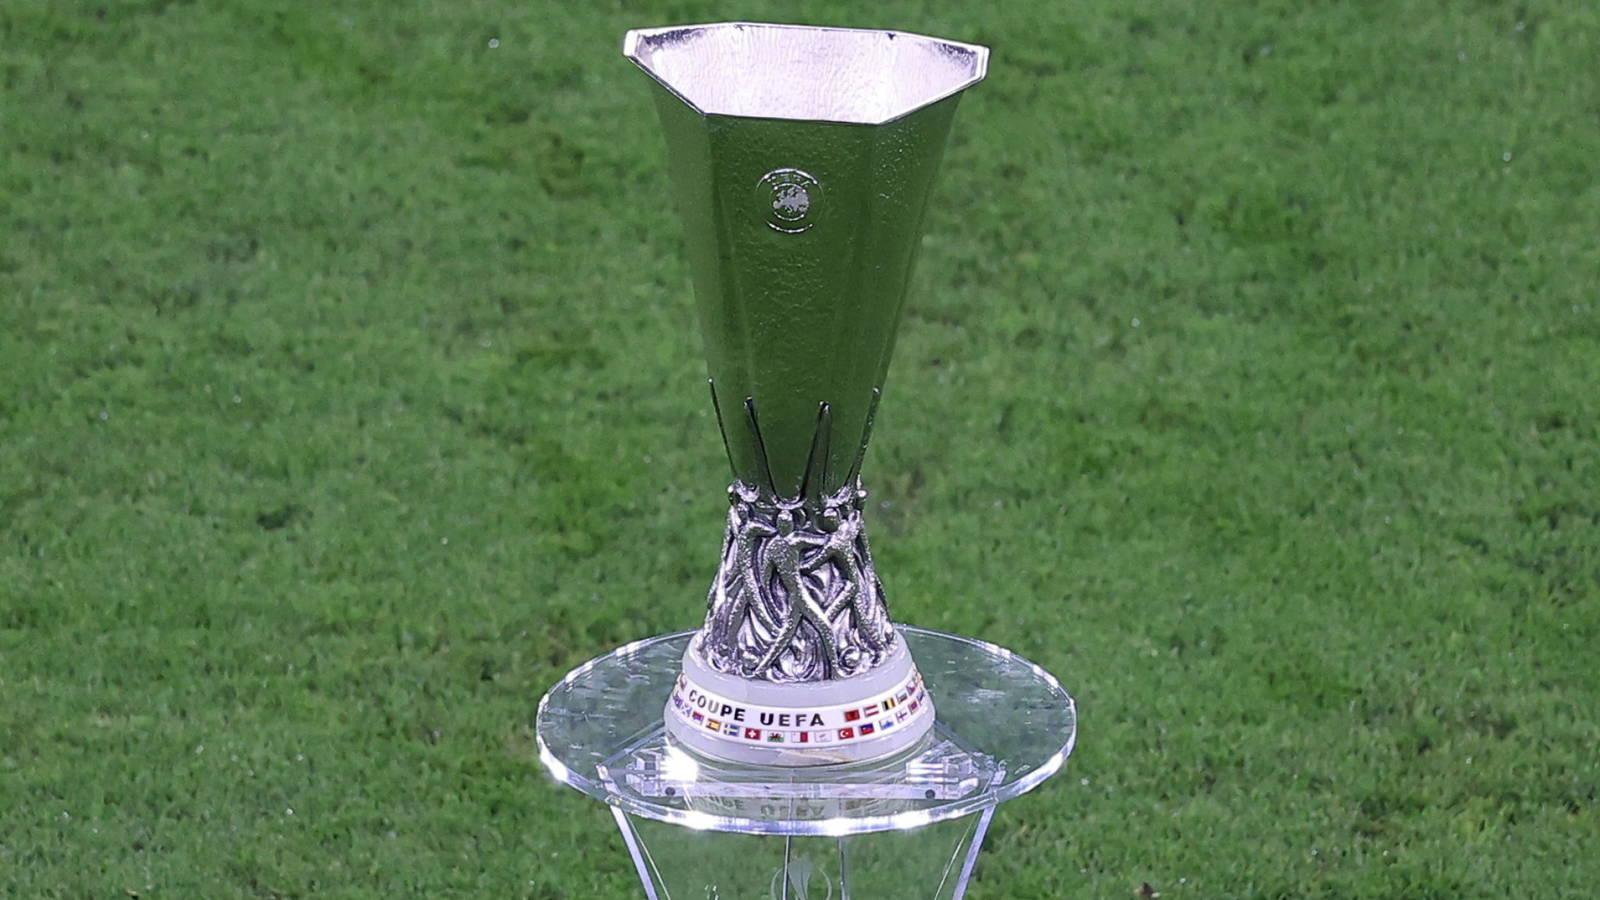 La final de la Europa League, con público